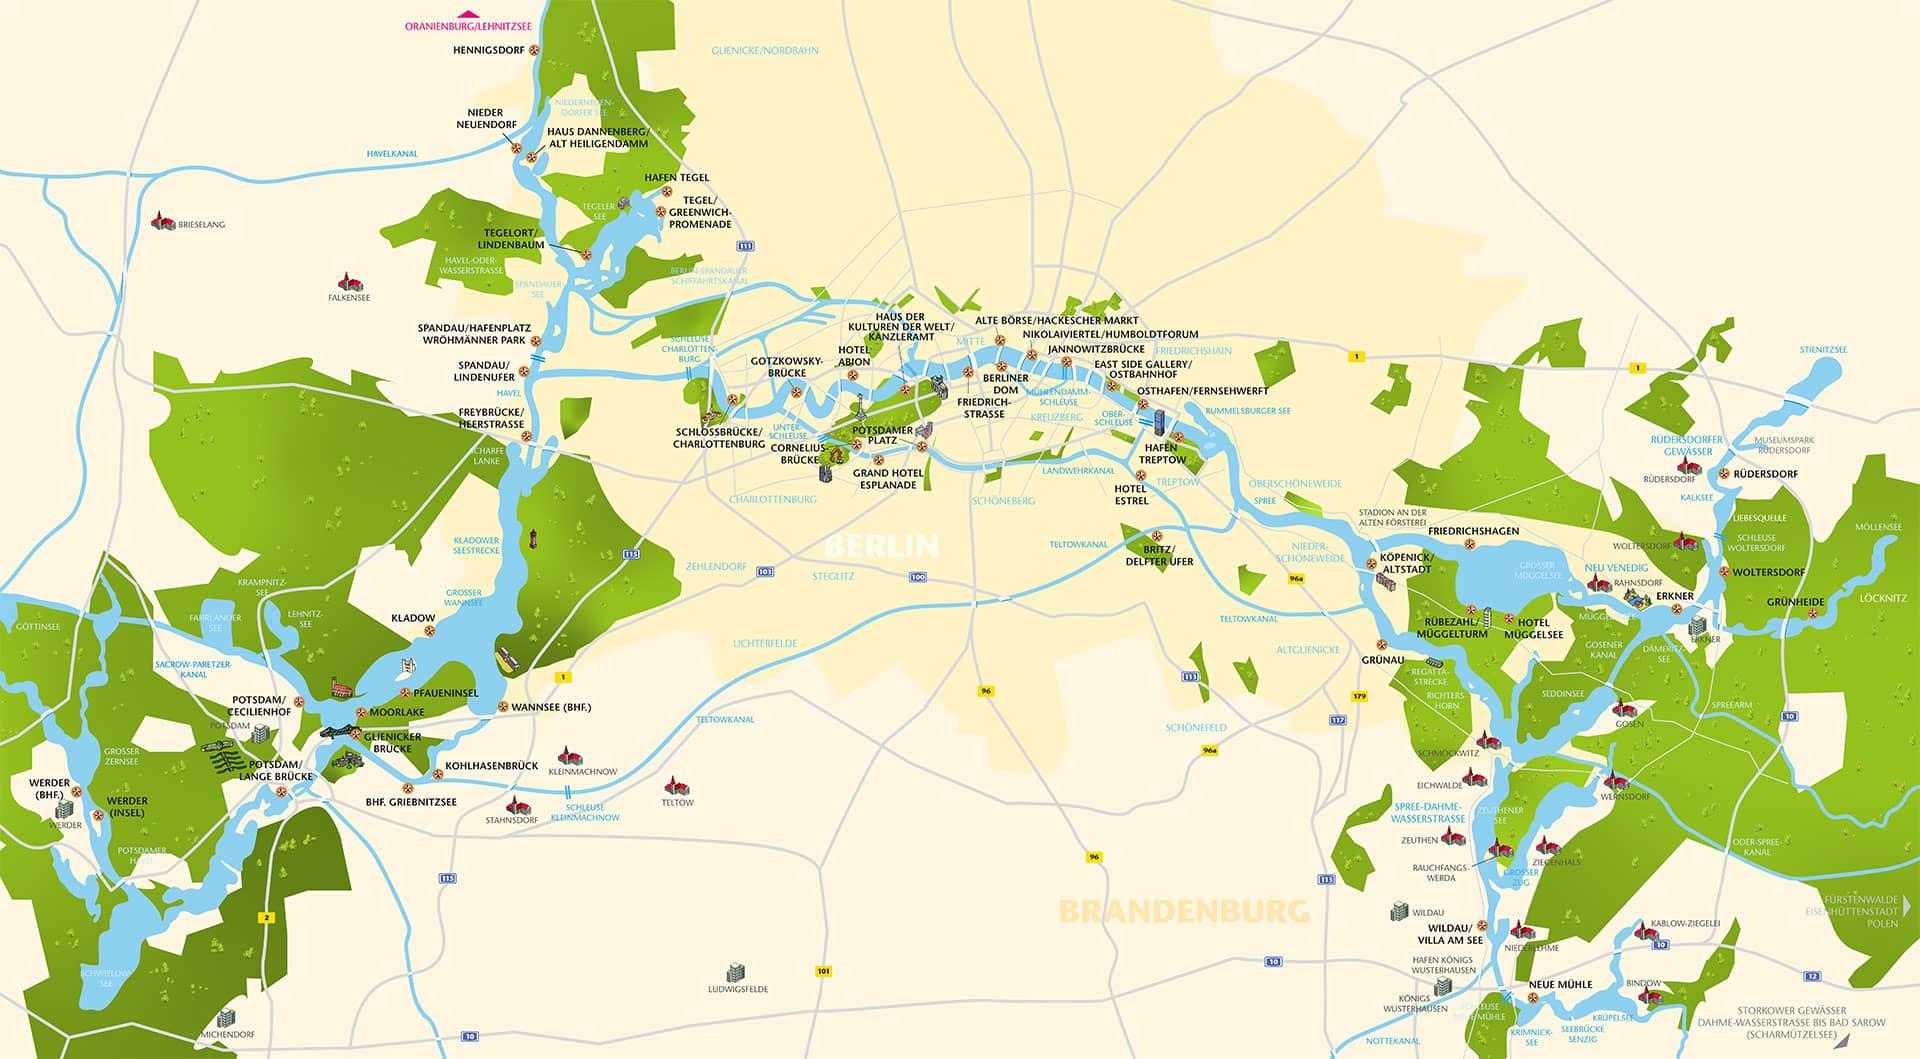 Karte mit Anlegern in Berlin und Brandenburg